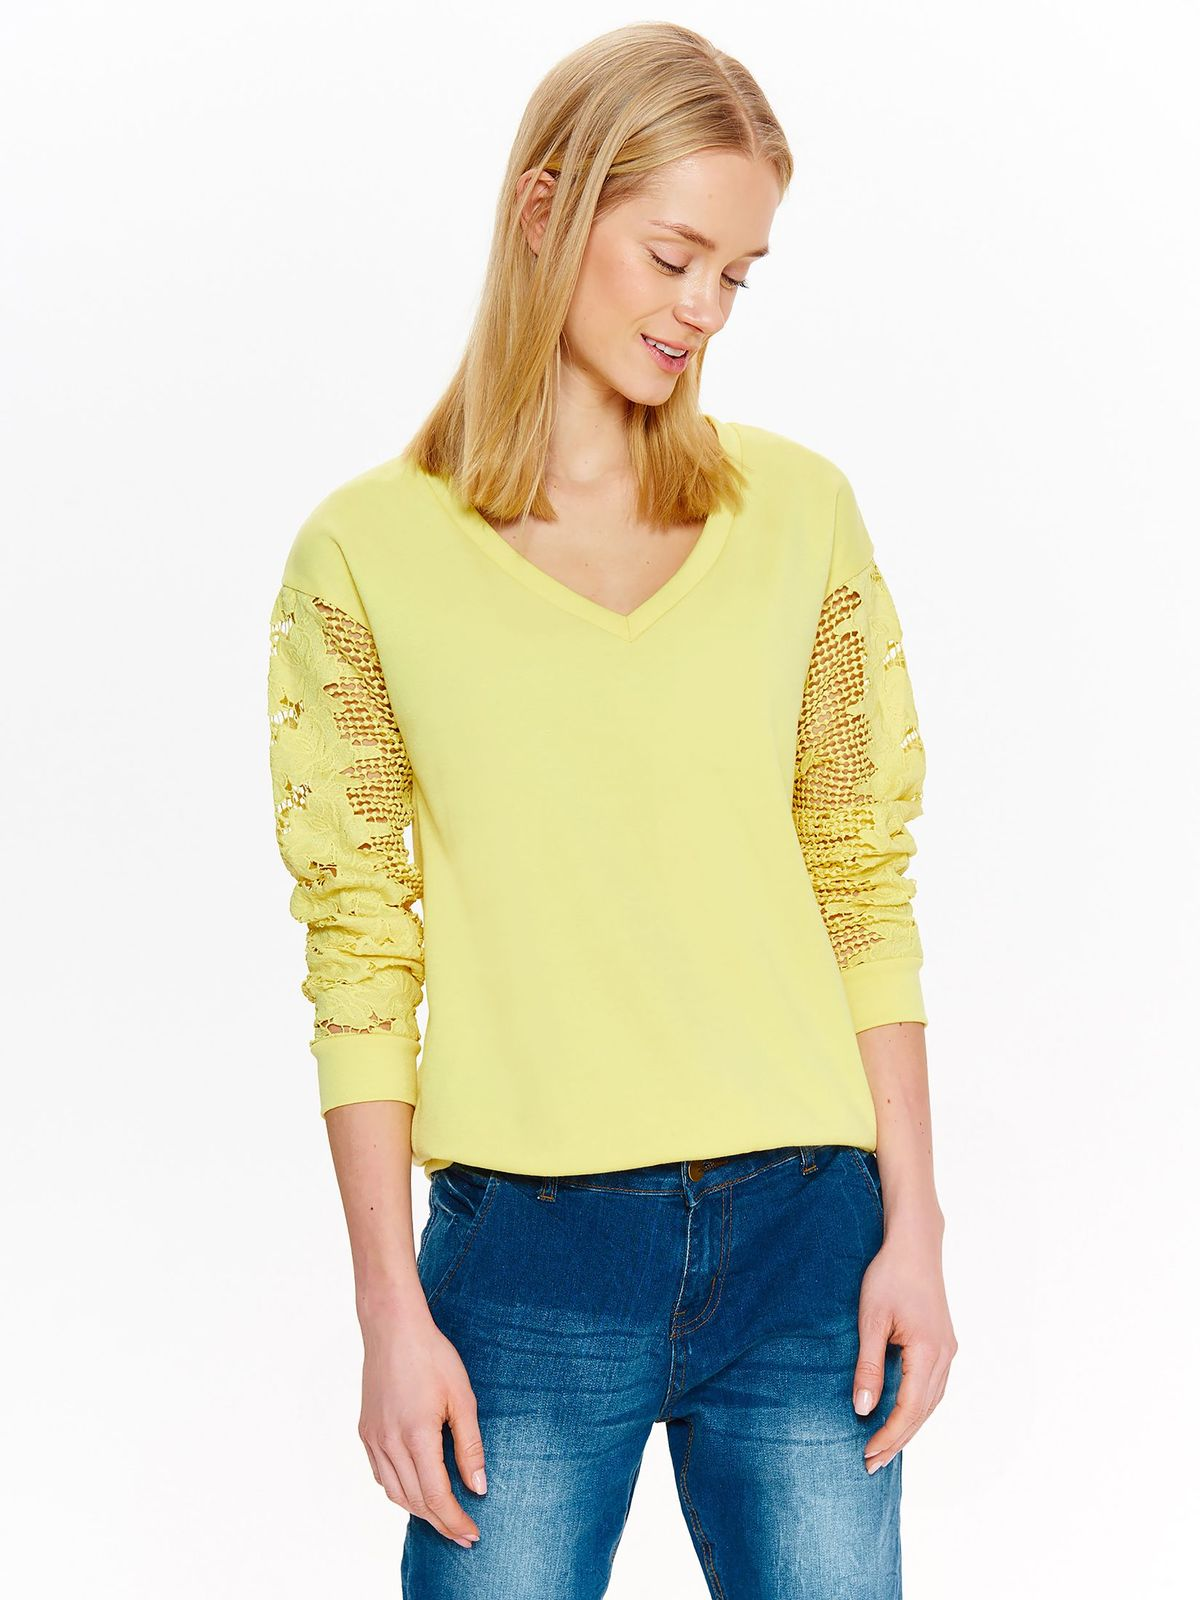 Блузка женская Top Secret, цвет: желтый. SBL0573ZO. Размер 38 (46)SBL0573ZO